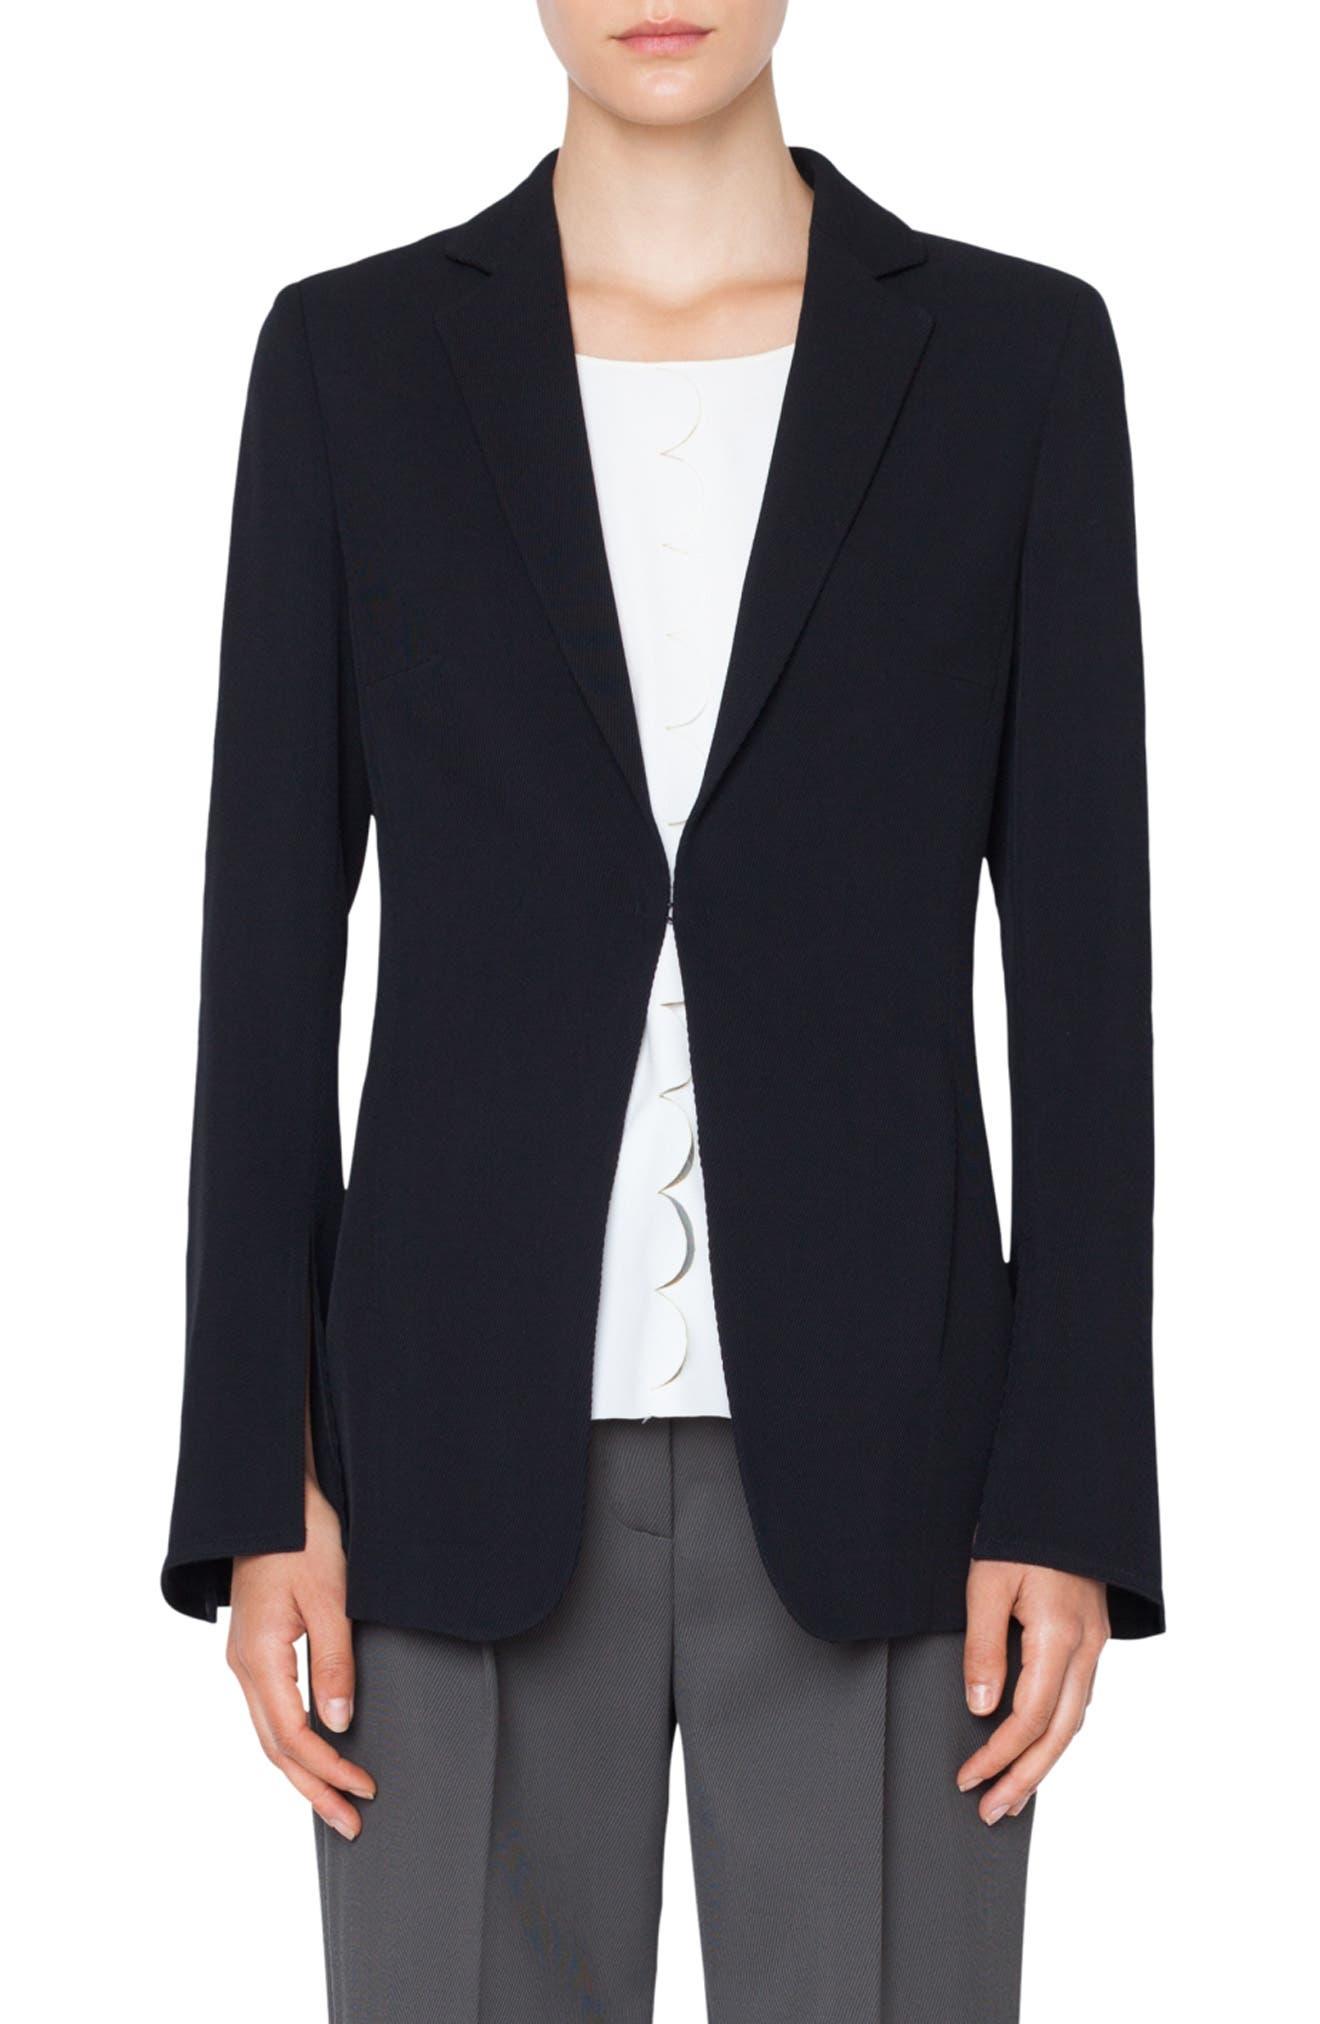 Hook-Front Wool Tricot Blazer Jacket in Black